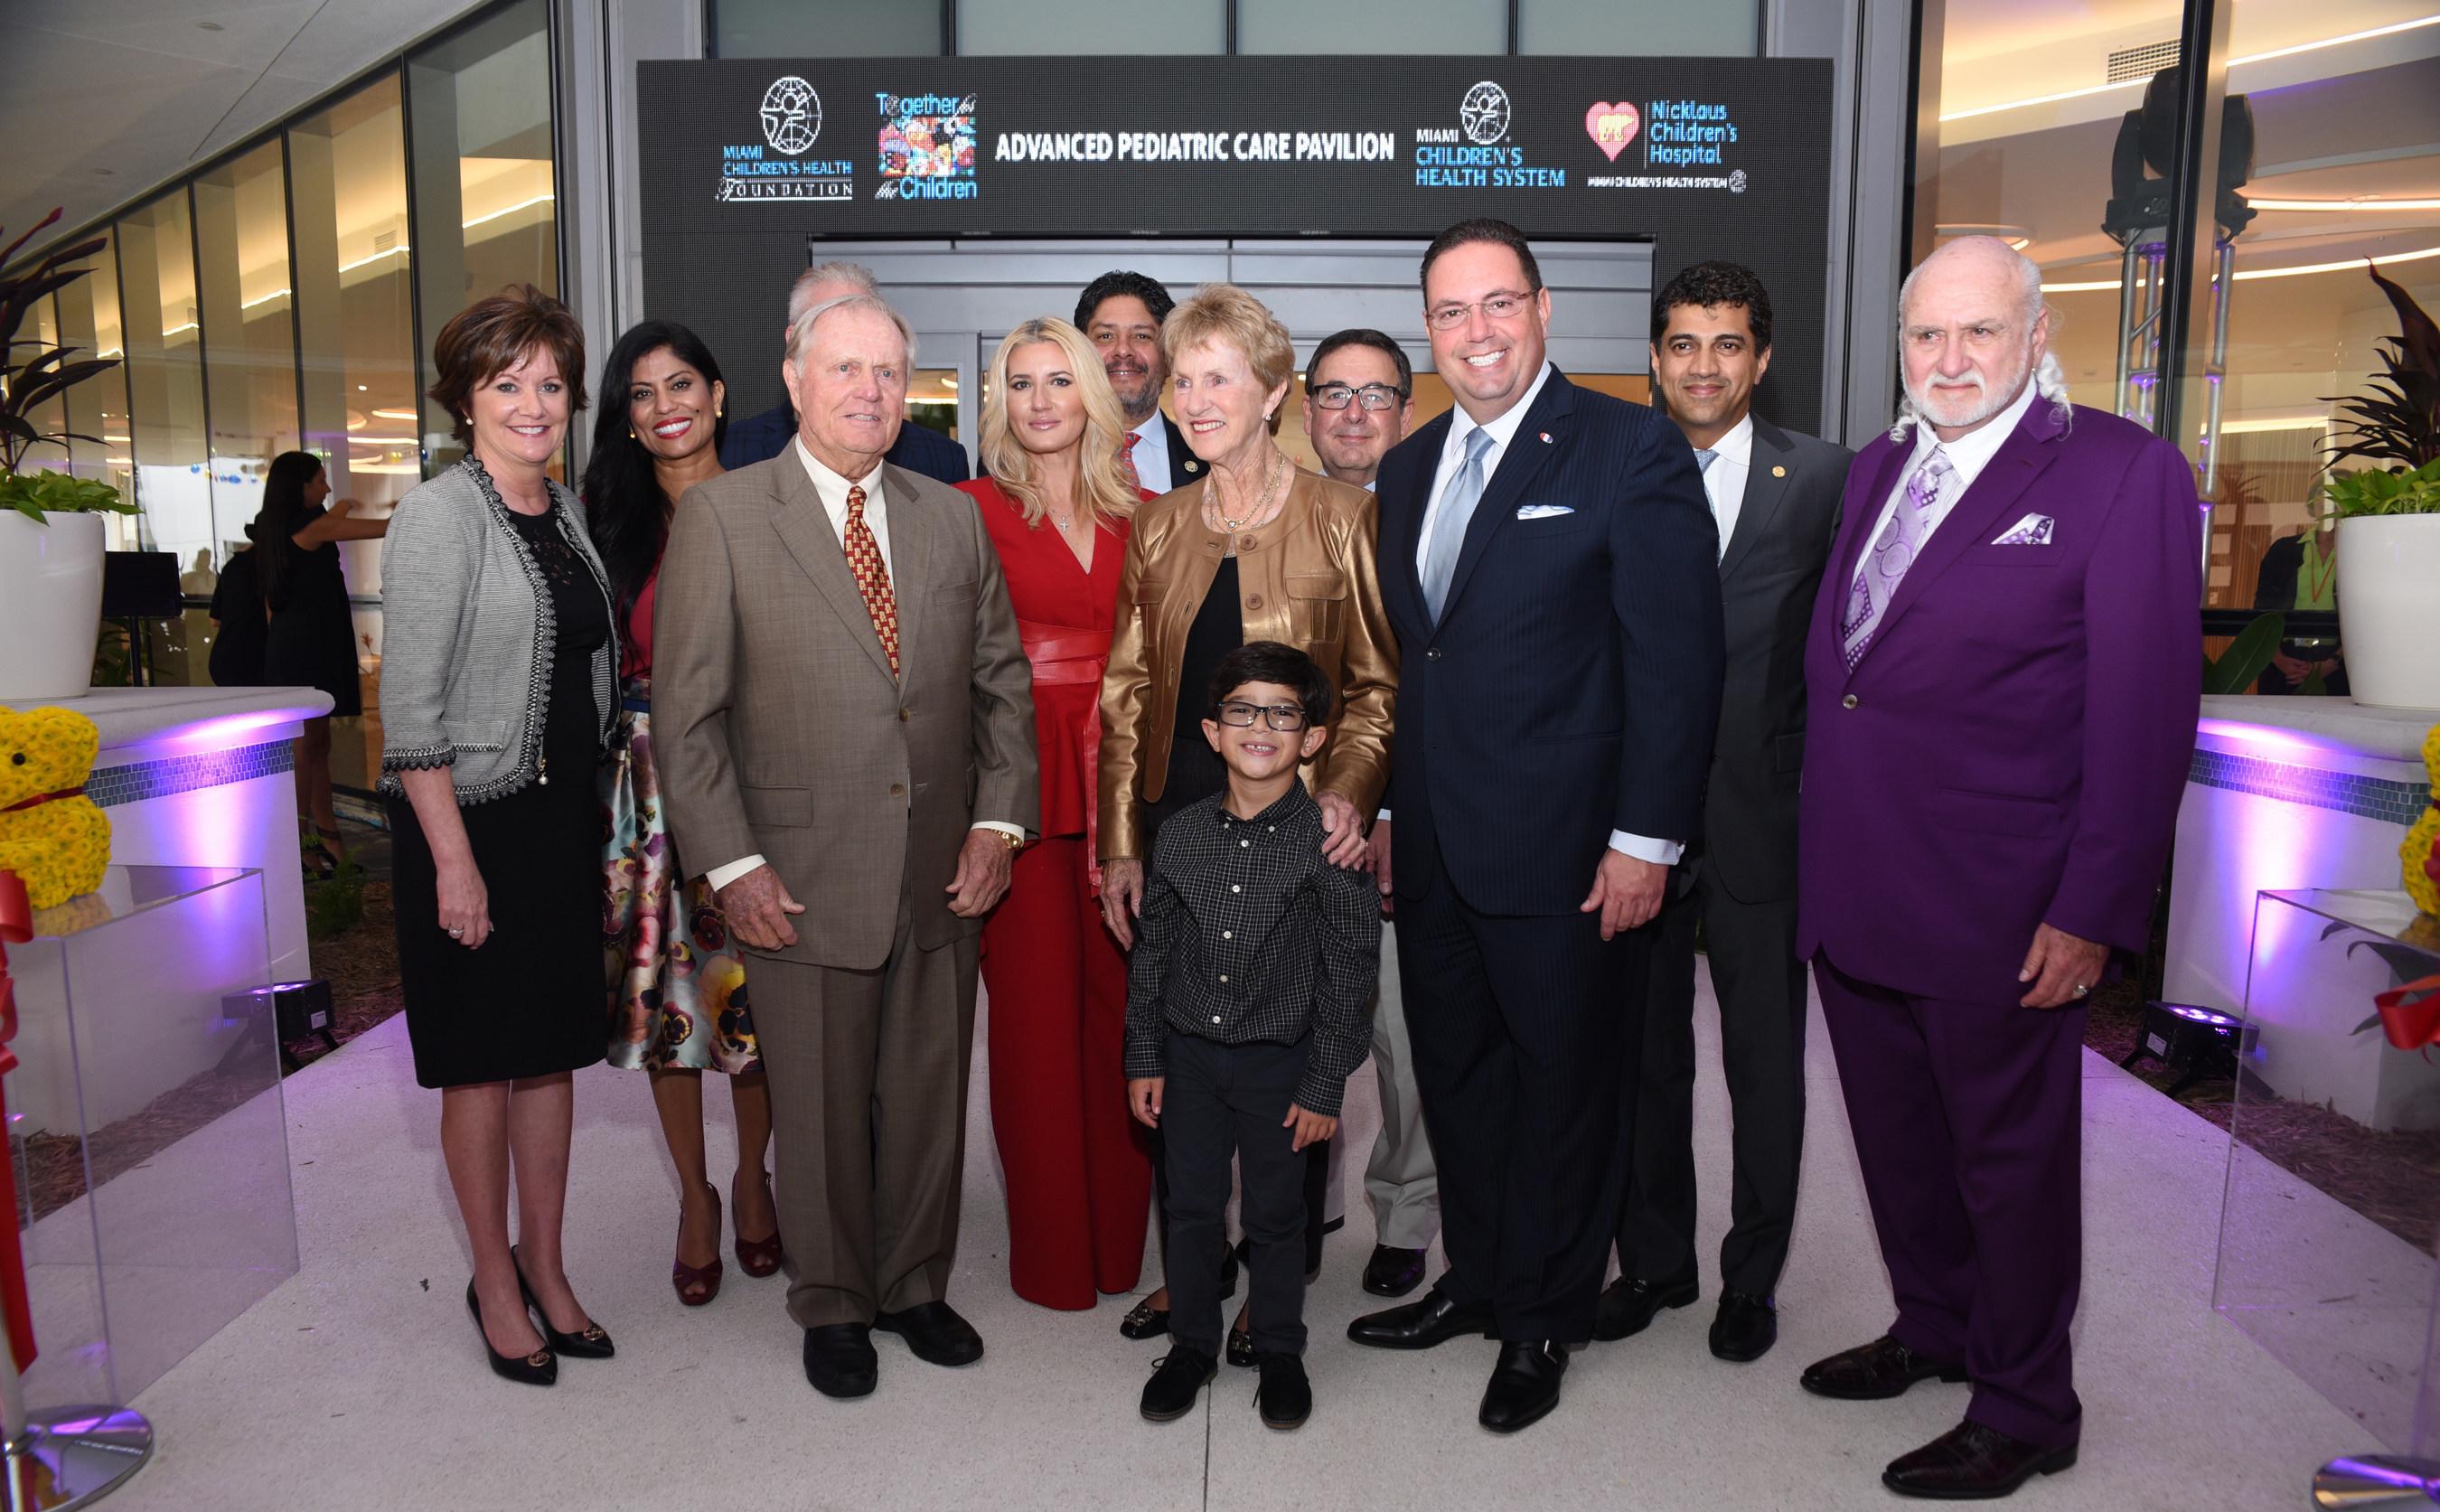 Jack & Barbara Nicklaus Celebrate Success of